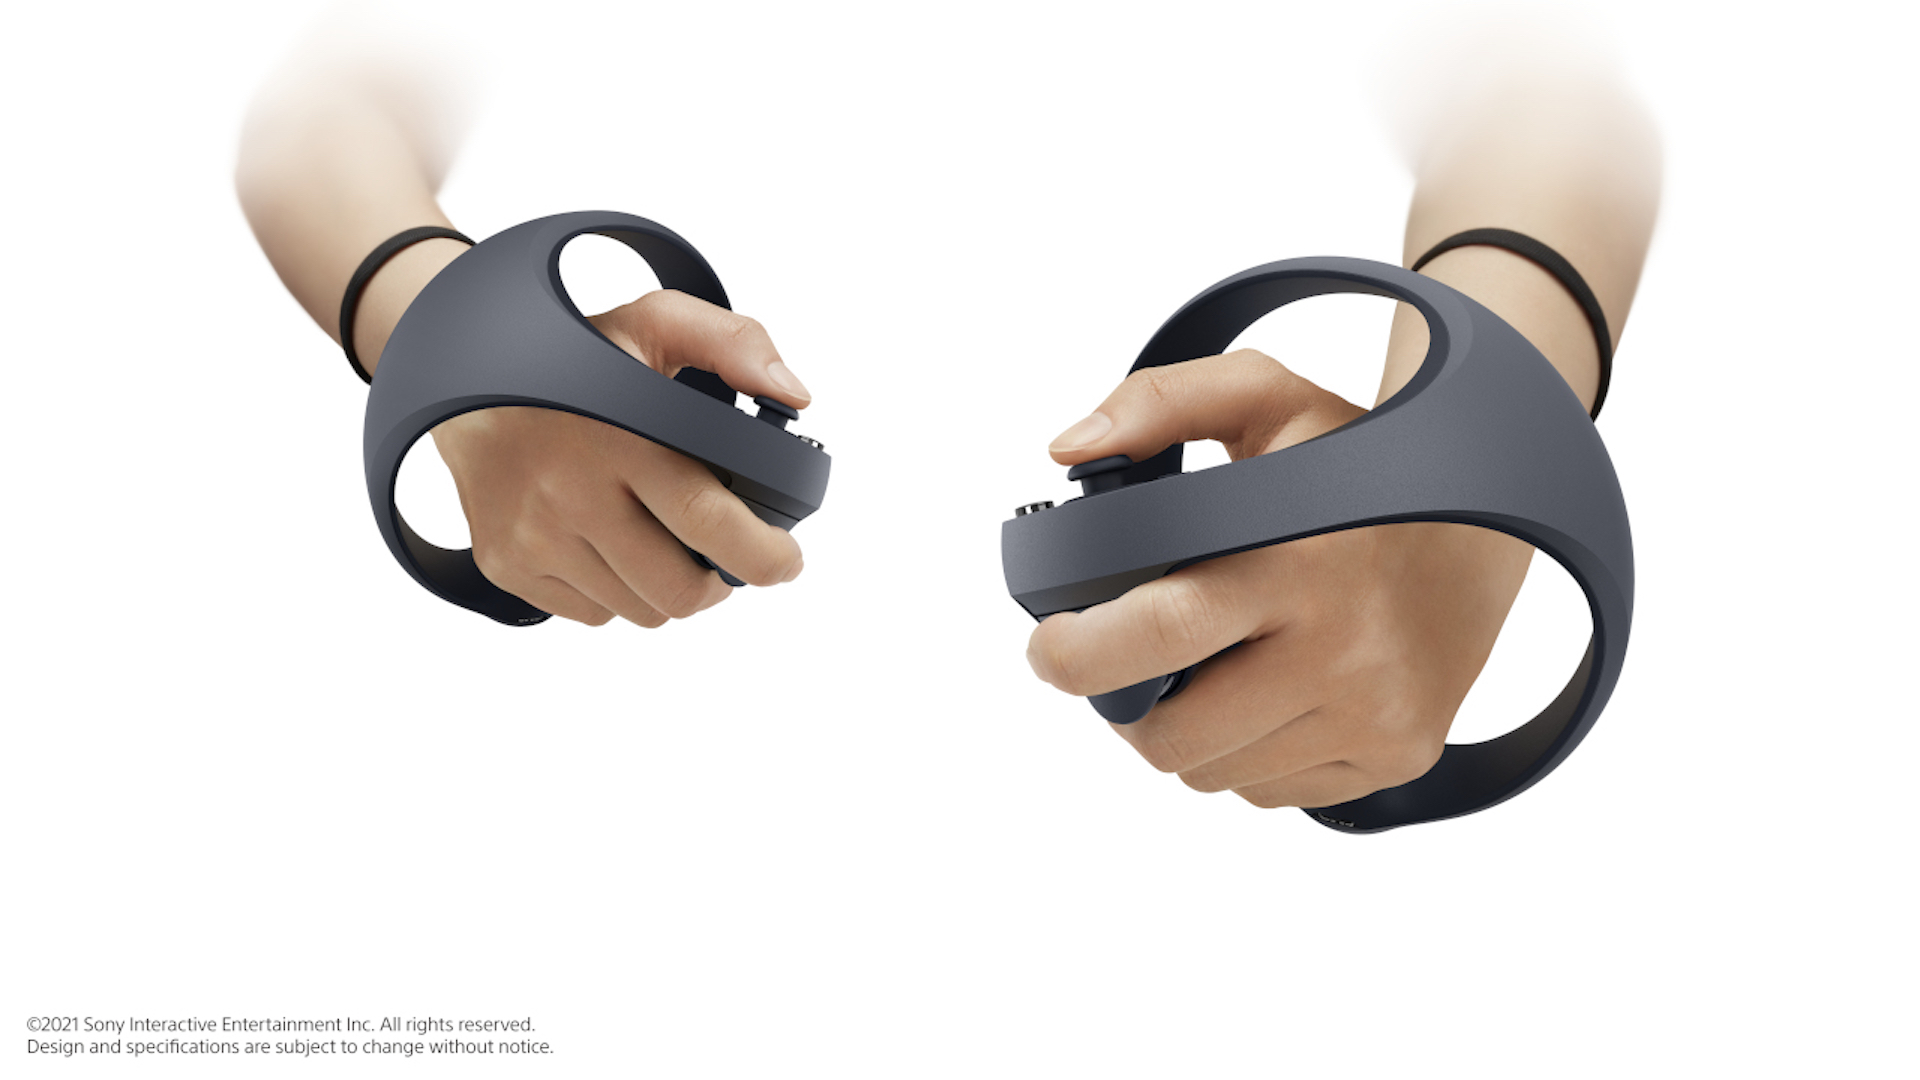 tout ce que l'on sait du futur casque de réalité virtuelle